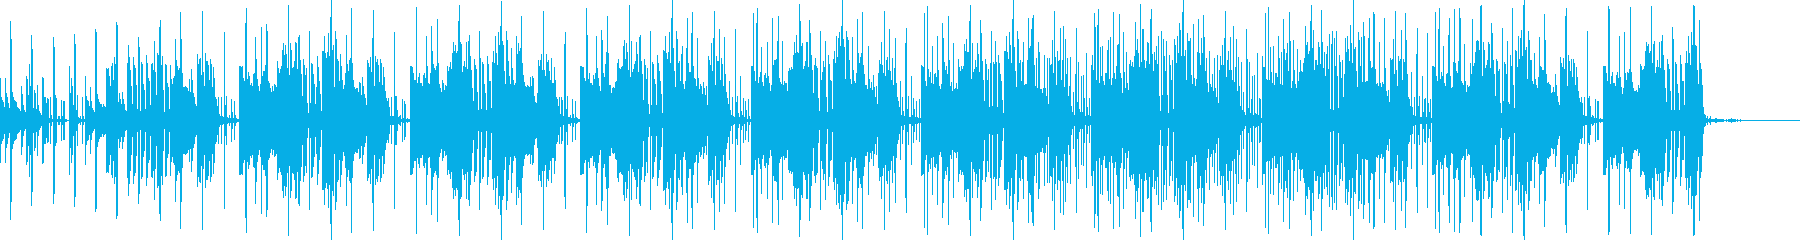 楽しい シンセ CM ピアノ おしゃれ の再生済みの波形